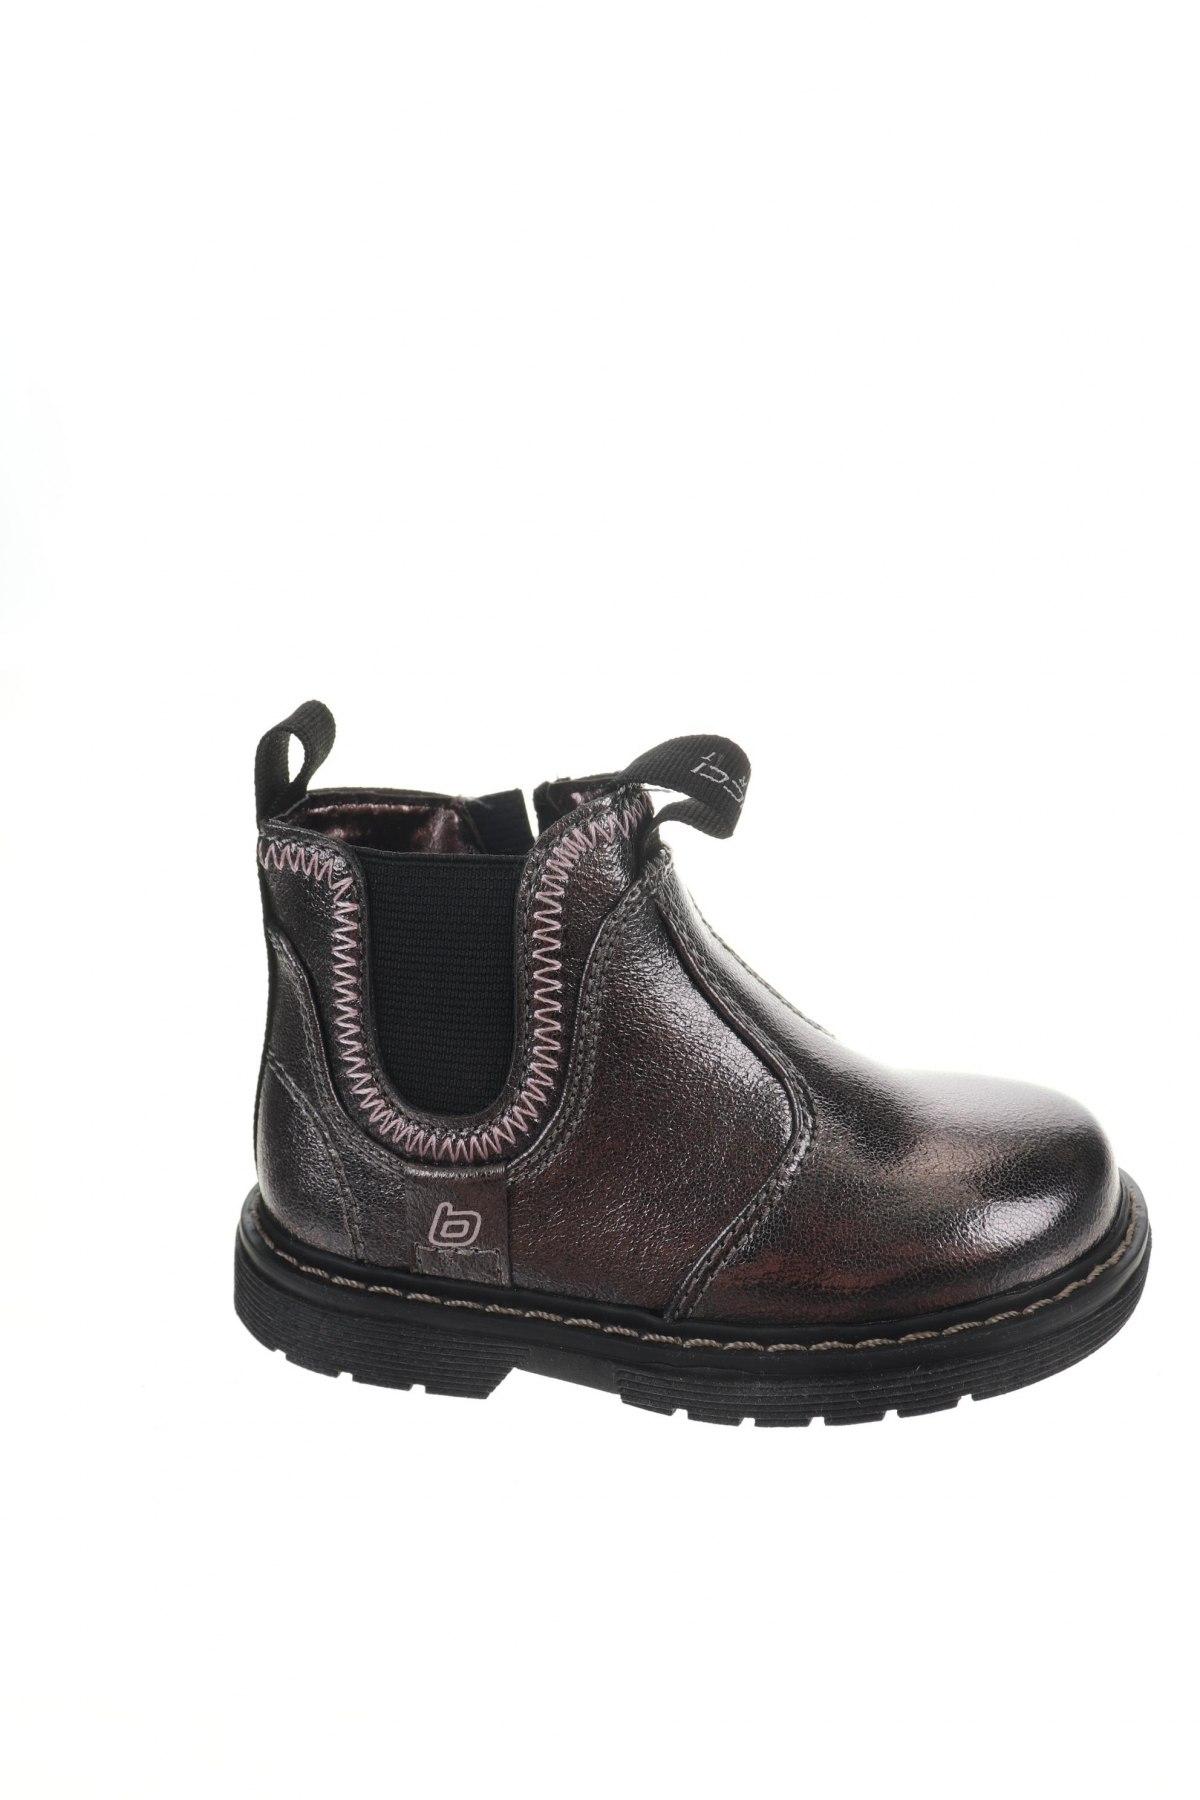 Παιδικά παπούτσια Balducci, Μέγεθος 21, Χρώμα Ασημί, Δερματίνη, Τιμή 9,96€